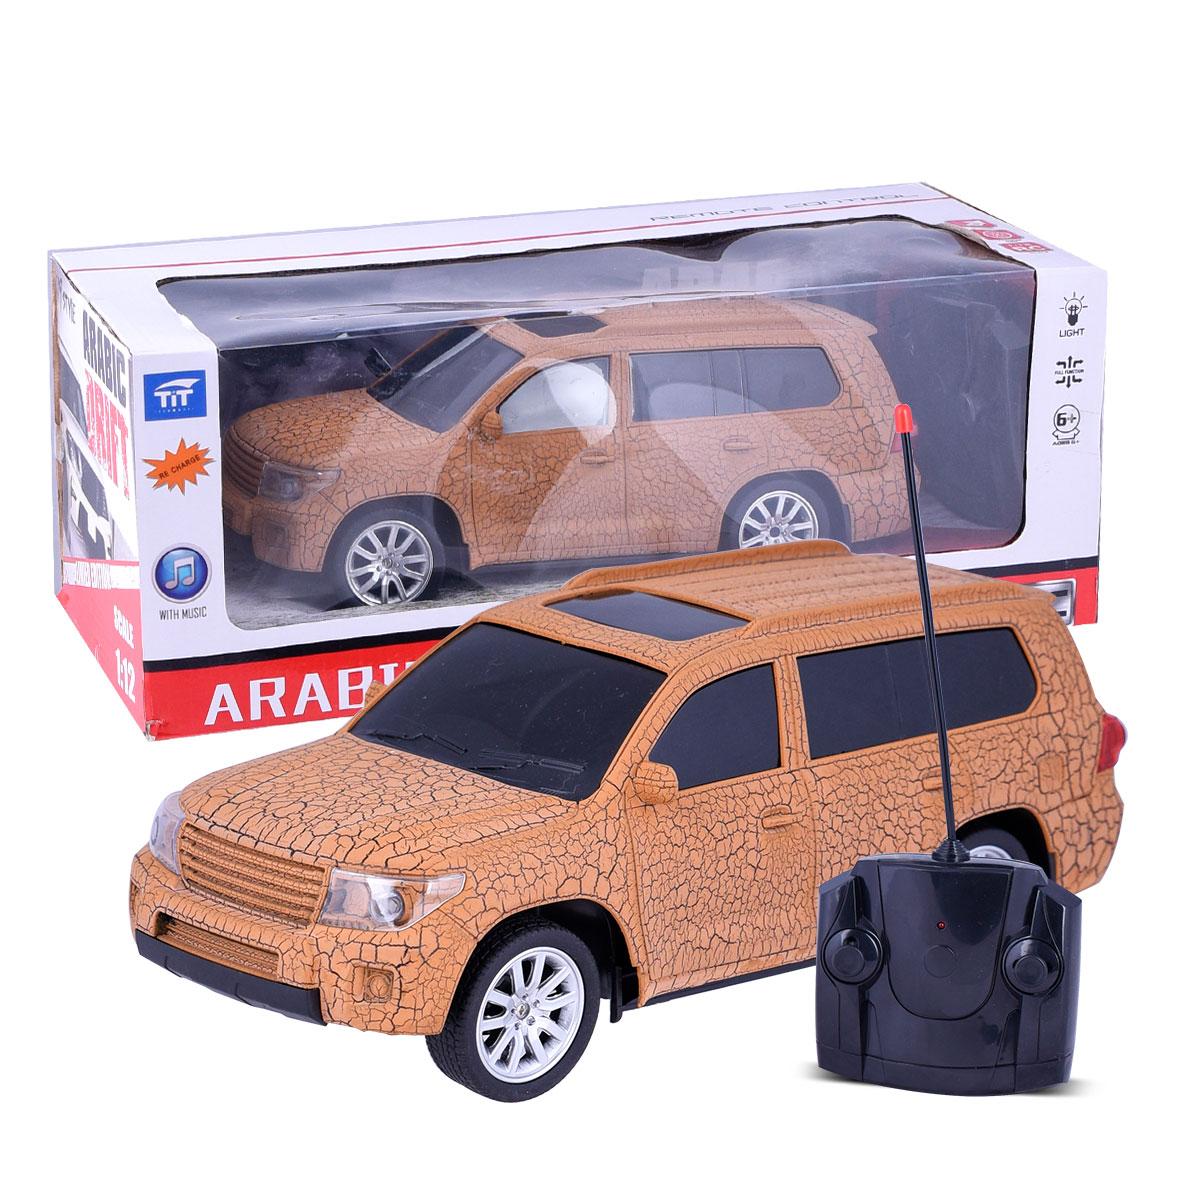 لعبة سيارة اطفال تعمل بالريموت كنترول ,الوان متعددة, رقم SC-QX3688-F7C